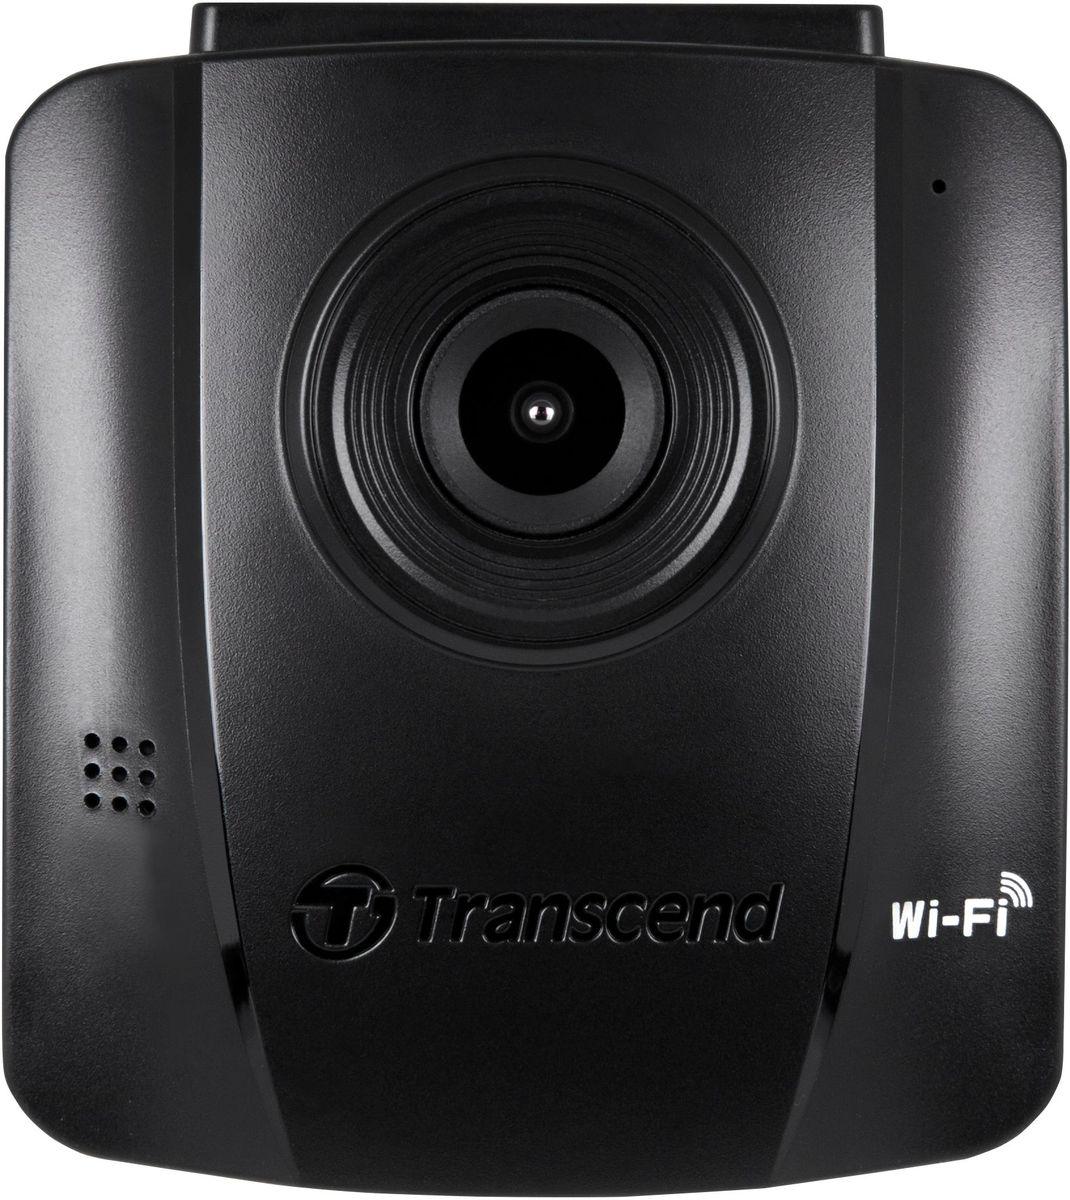 Transcend DrivePro 130 видеорегистратор автомобильный + microSD 16GbTS16GDP130MБезопасность на дороге чрезвычайно важна. Автомобильный видеорегистратор Transcend DrivePro 130 оснащен матрицей Sony, позволяющей даже при низкой освещенности снимать видео высокого разрешения с невероятно точной передачей оттенков серого. Кроме того, DrivePro 130 оснащен адаптером Wi-Fi, встроенным аккумулятором, удобной кнопкой сохранения снимка, функцией экстренной записи и напоминания о необходимости включить фары, а также системой распознавания усталости водителя.DrivePro 130 оснащен матрицей Sony, позволяющей даже при низкой освещенности получать изображение с высоким разрешением и отличной насыщенной цветопередачей. Технология расширения динамического диапазона Wide Dynamic Range (WDR) помогает сбалансировать яркие и темные зоны изображения, обеспечивая максимальную четкость каждого кадра.Встроенный литий-полимерный аккумулятор обеспечивает автономную работу устройства. Даже если двигатель был выключен в случае происшествия, запись будет сохранена.Удобная кнопка сохранения фотографий позволяет сохранять фотоснимки во время записи видео. После инцидента пользователь может извлечь DrivePro 130 из автомобиля, чтобы зафиксировать повреждения.В случае столкновения встроенный G-сенсор переведет видеорегистратор в режим экстренной записи. Это позволяет защитить ранее сохраненные файлы от перезаписи. Вы также можете вручную активировать режим экстренной записи, нажав красную кнопку на боковой панели устройства.DrivePro 130 оснащен беспроводным адаптером Wi-Fi, который позволяет пользователям мобильного приложения DrivePro загружать файлы видео и просматривать снимаемое в данный момент изображение. Это означает, что поделиться видео происшествия с сотрудниками правоохранительных органов и представителями страховых компаний будет еще проще, при этом, не потребуется даже извлекать карту памяти из устройства.Помимо съемки дорожной обстановки во время движения, DrivePro 130 может присматривать